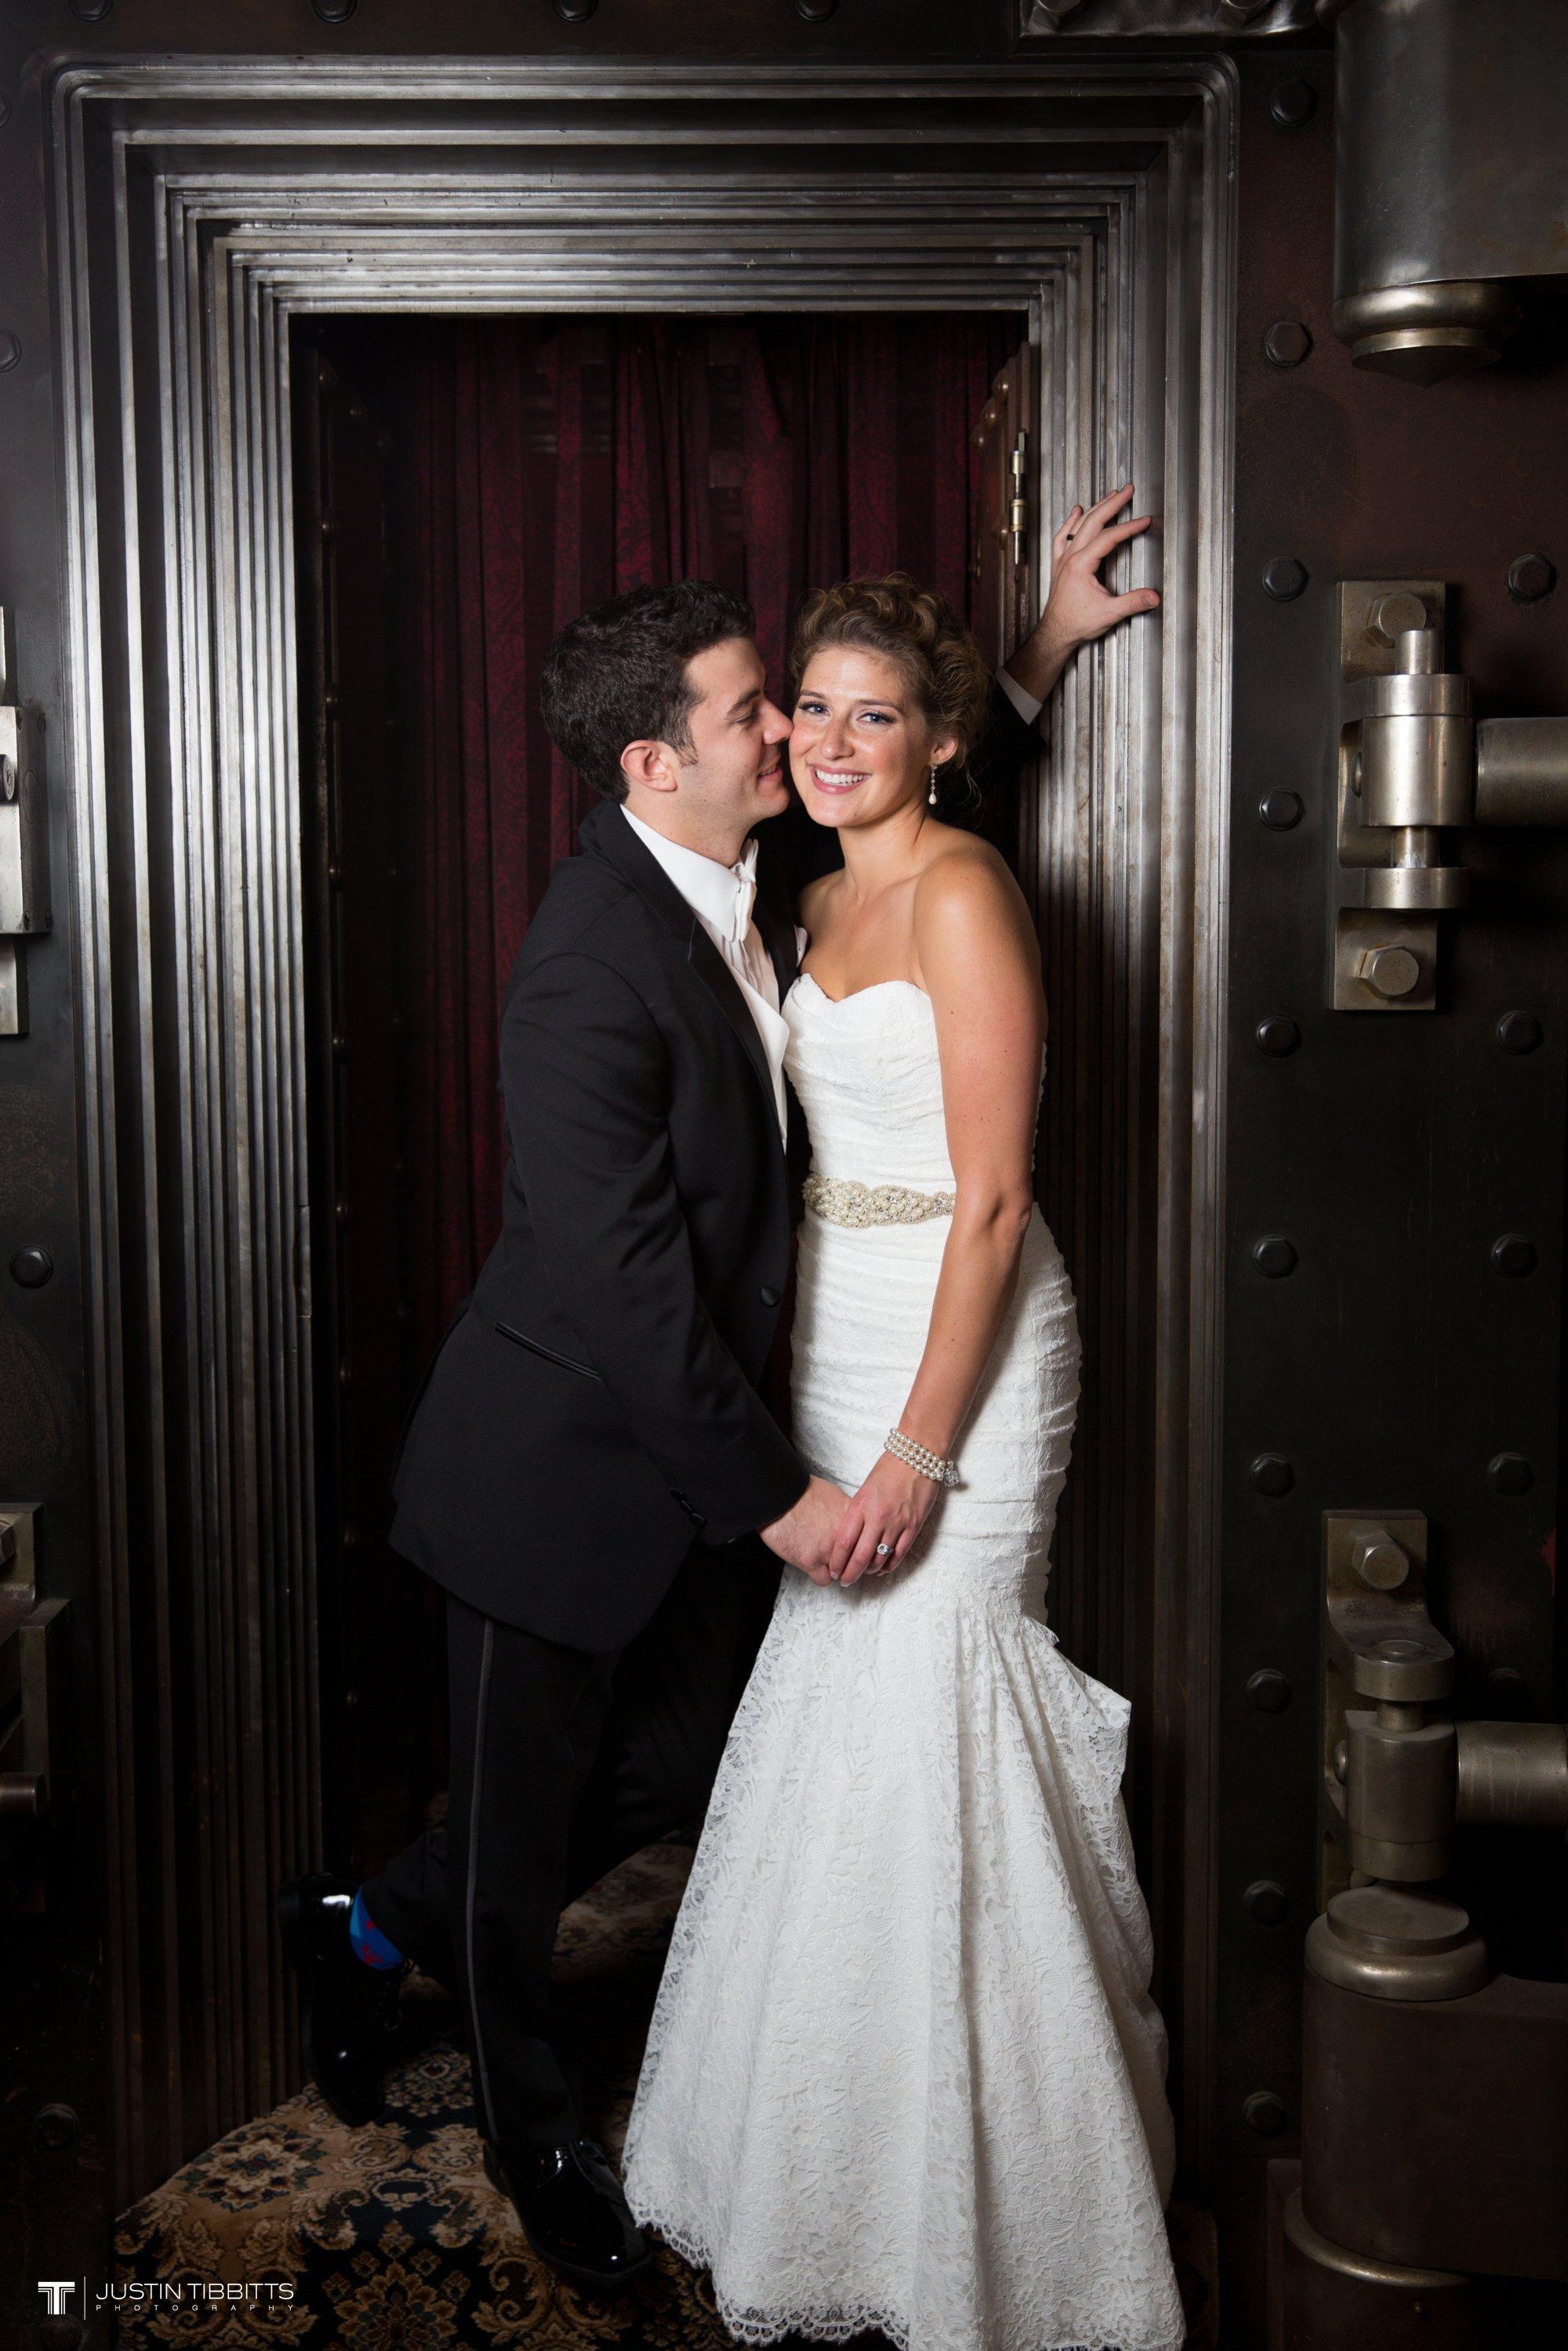 Albany NY Wedding Photographer Justin Tibbitts Photography 2014 Best of Albany NY Weddings-28514446